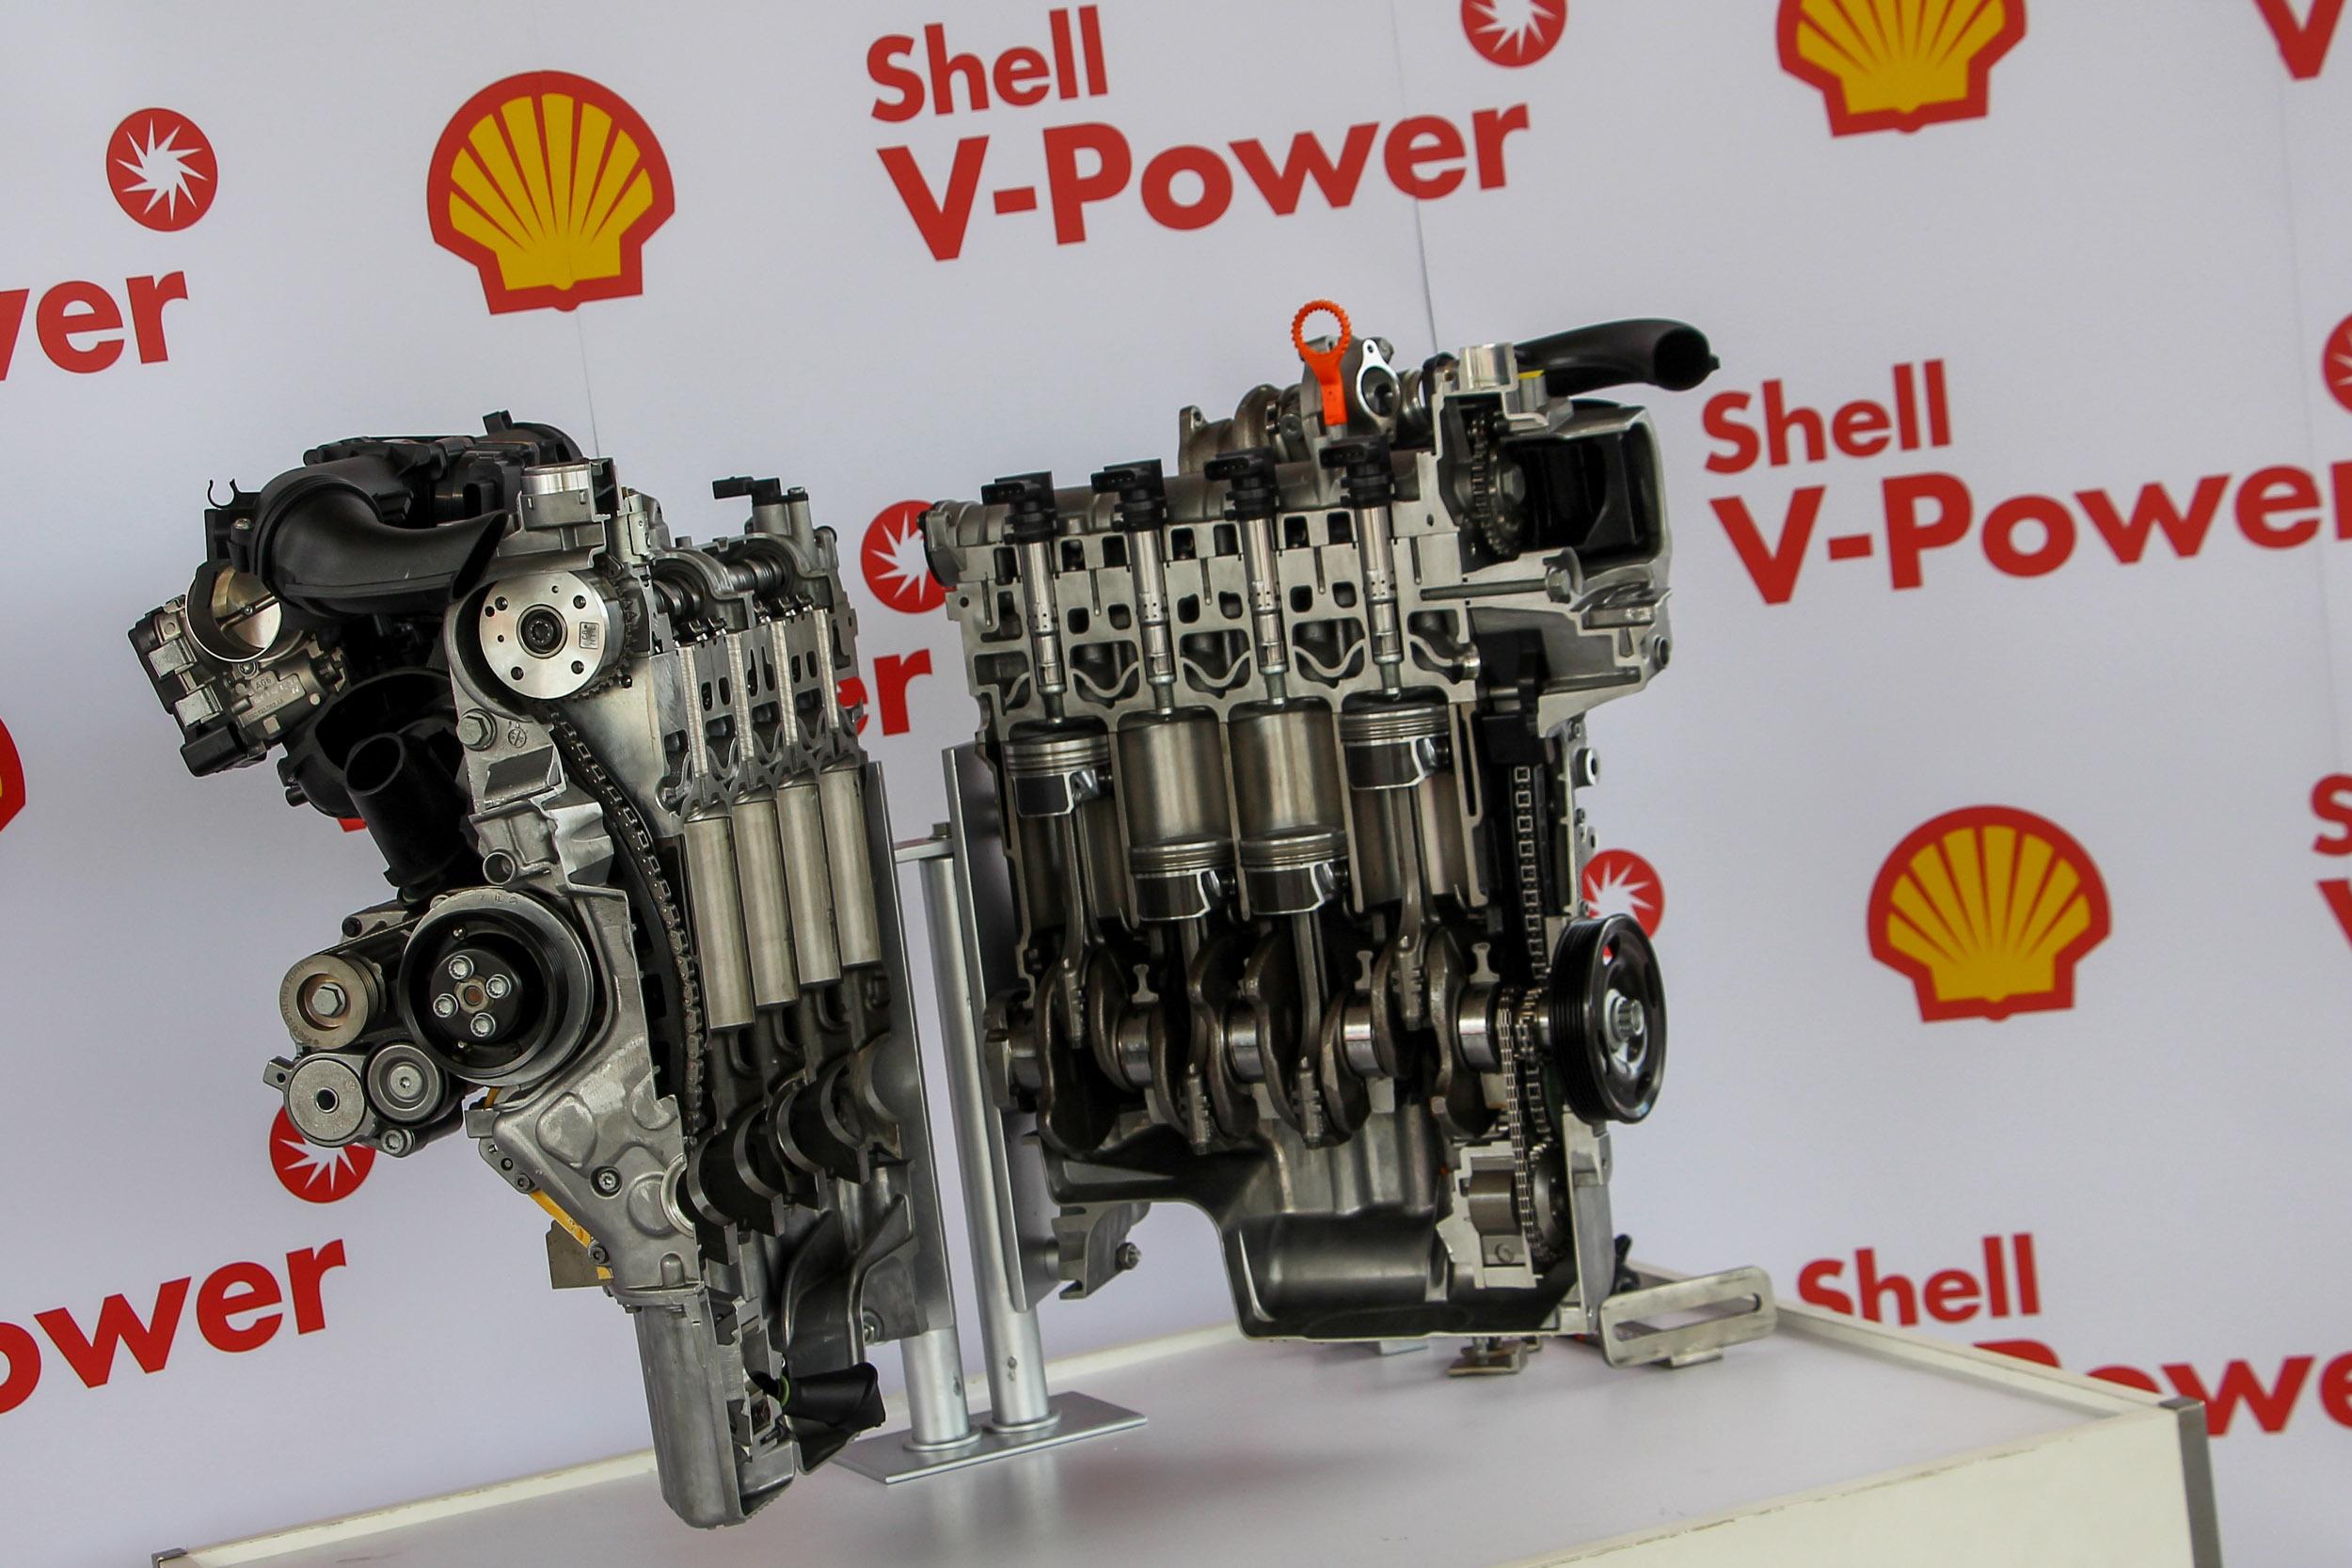 A szerelők réme lehet a Shell új üzemanyaga? – Autónavigátor hu